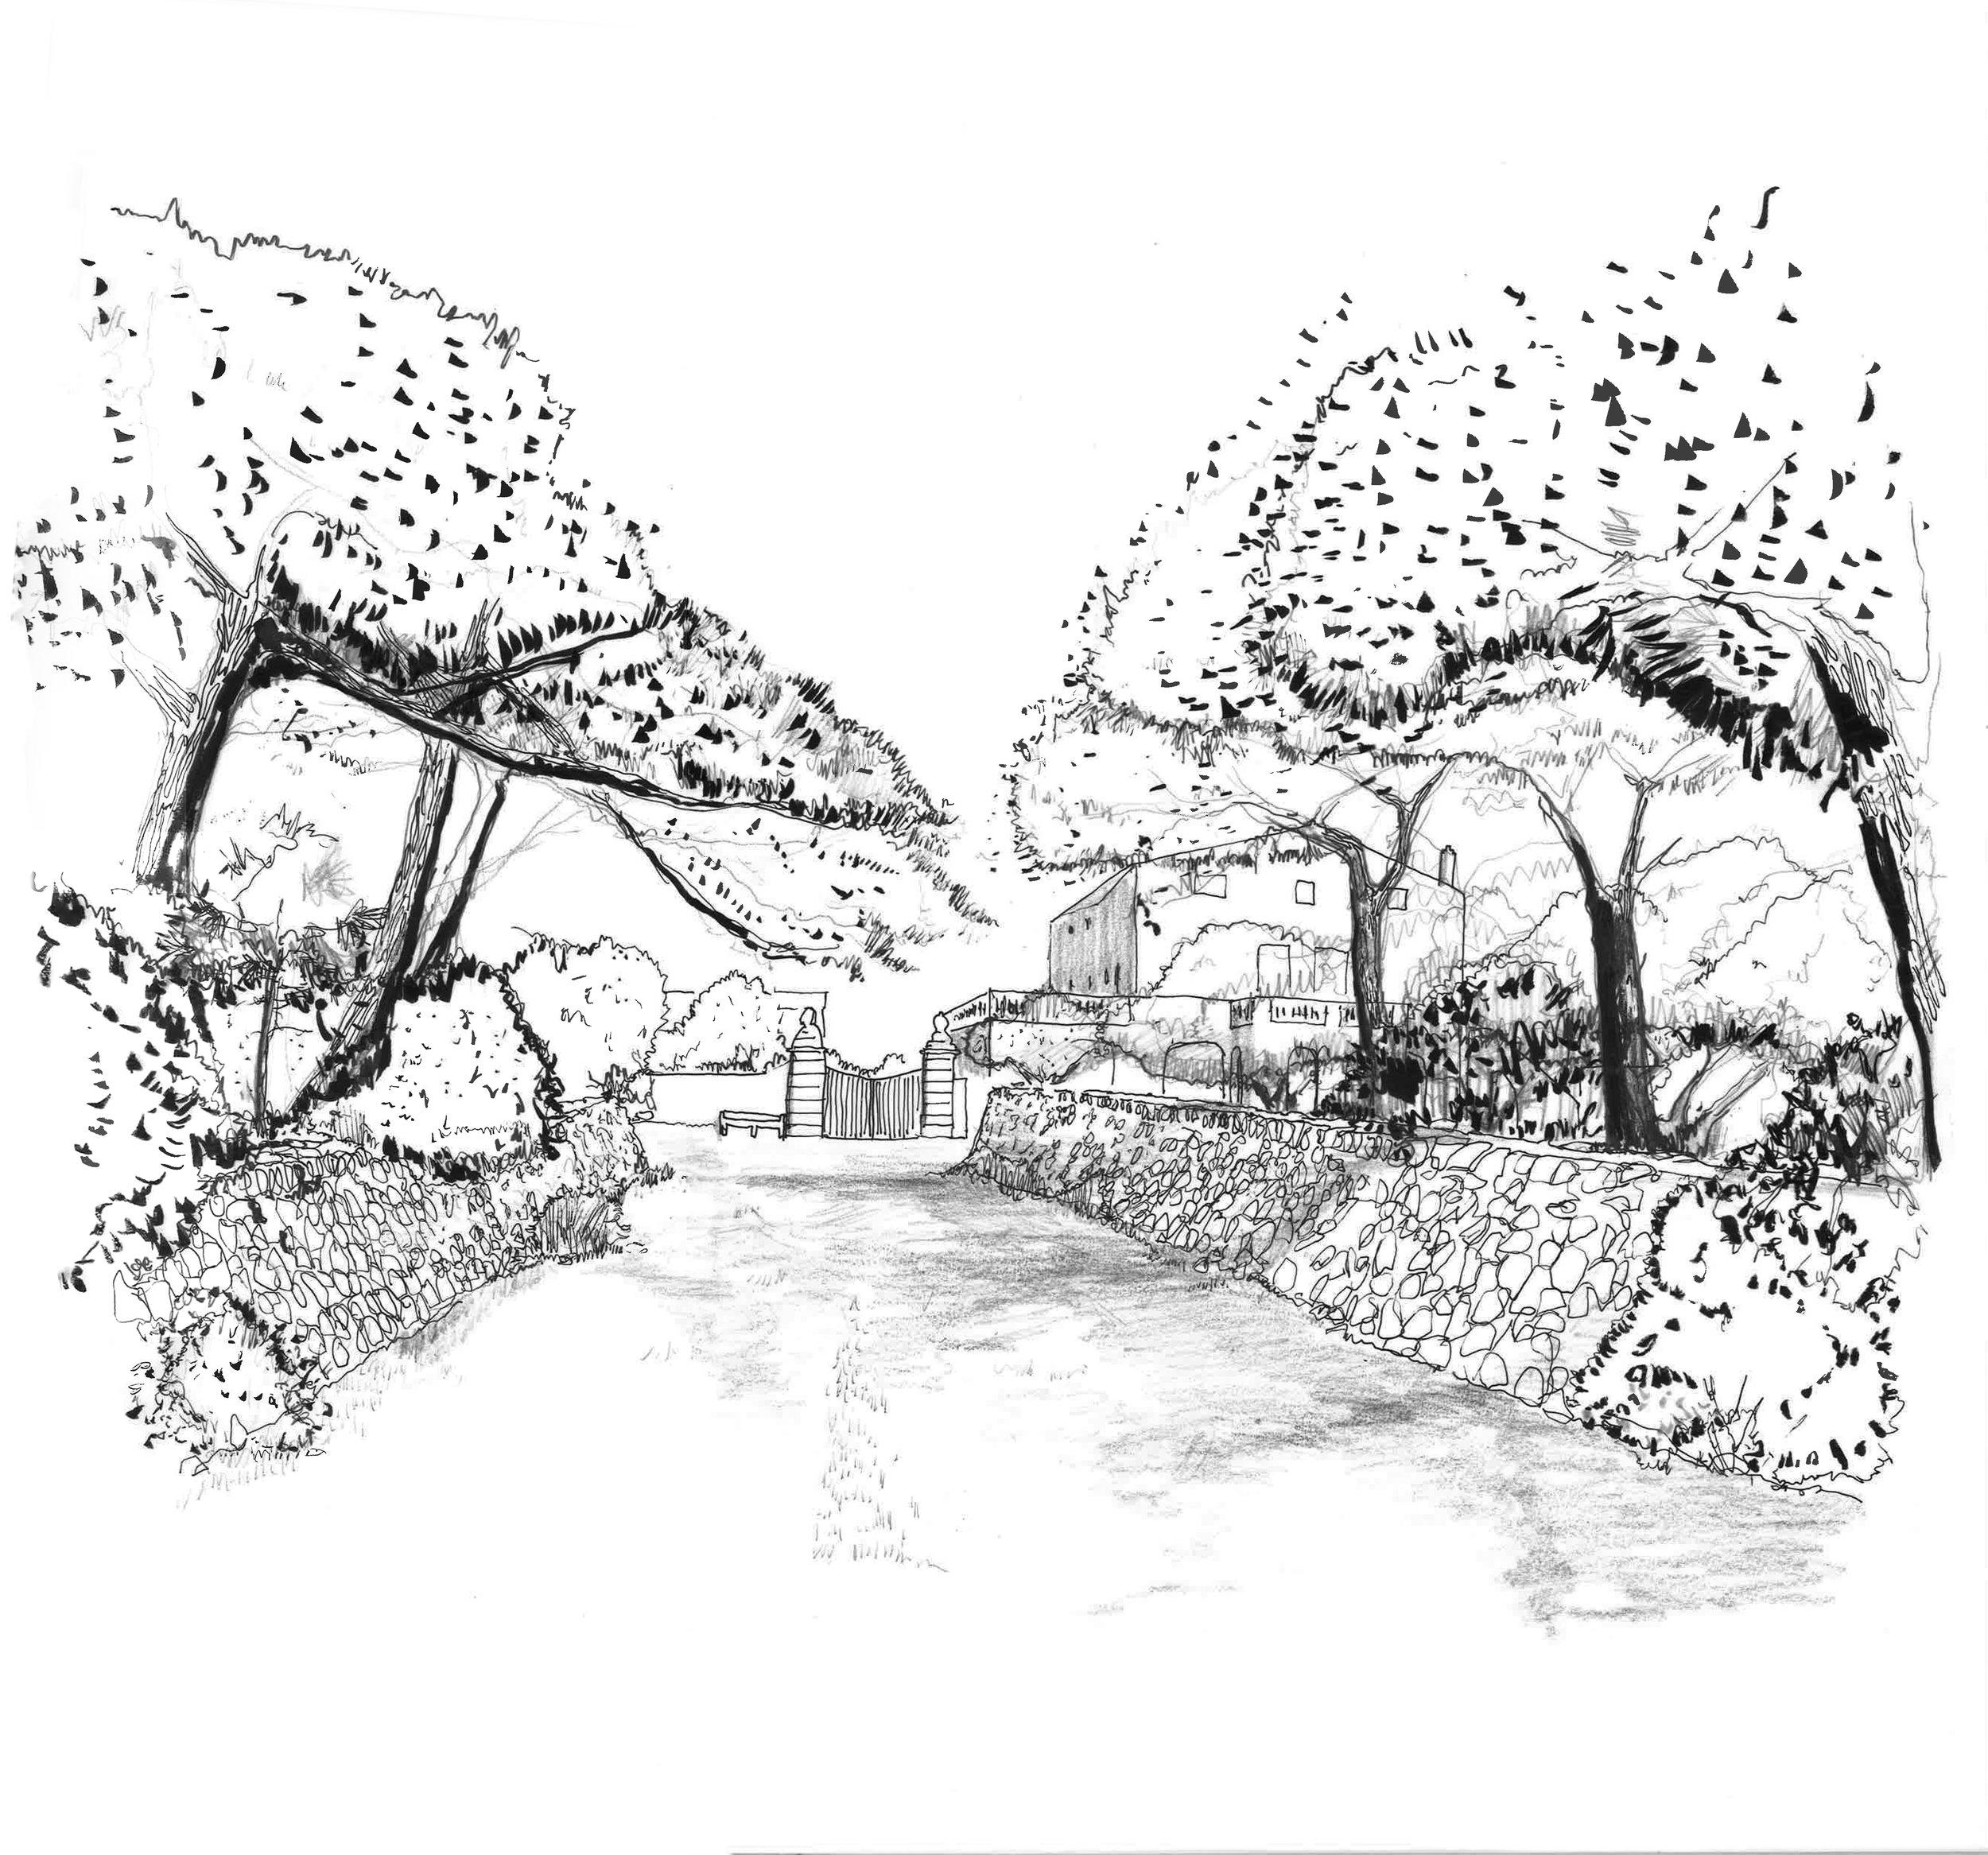 Création d'un jardin autour d'une Finca, Minorque, Espagne   L'Agence Christophe Gautrand & Associés propose une grille de lecture du site à différentes échelles pour offrir un projet cohérent entre les divers espaces.